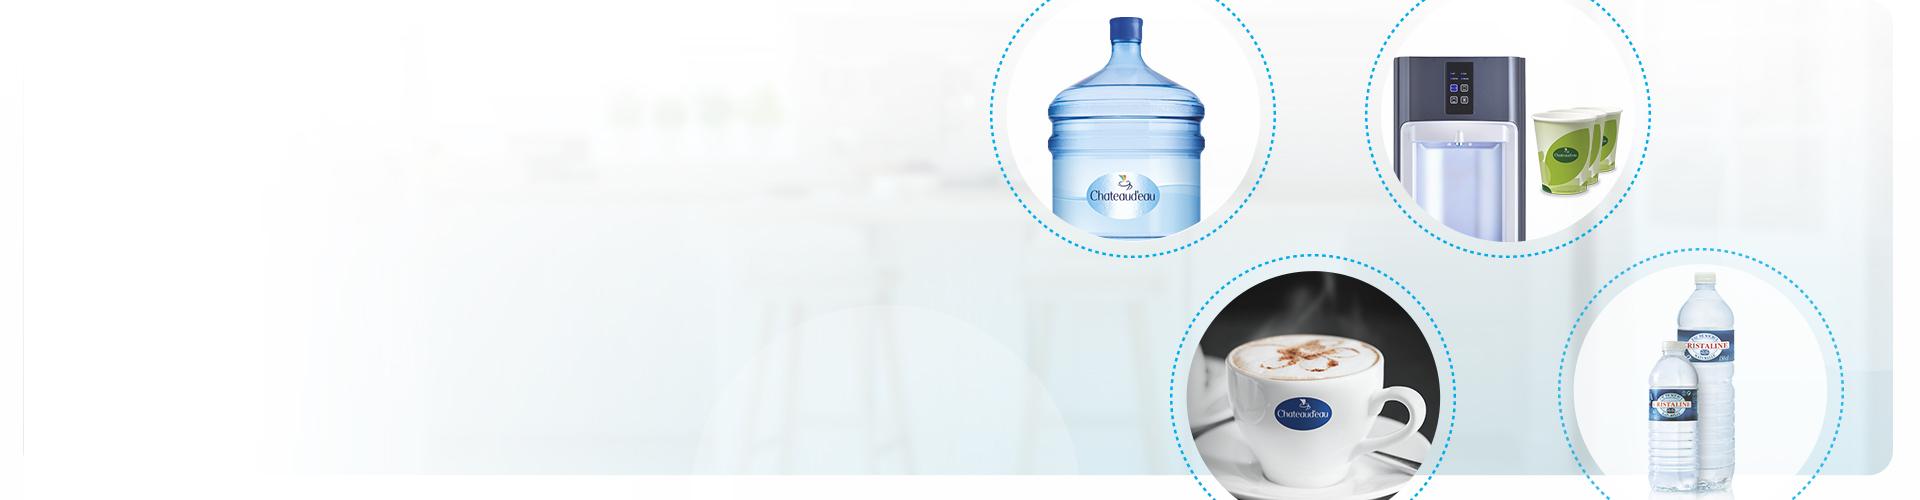 Fontaine à eau en entreprise ou à la maison